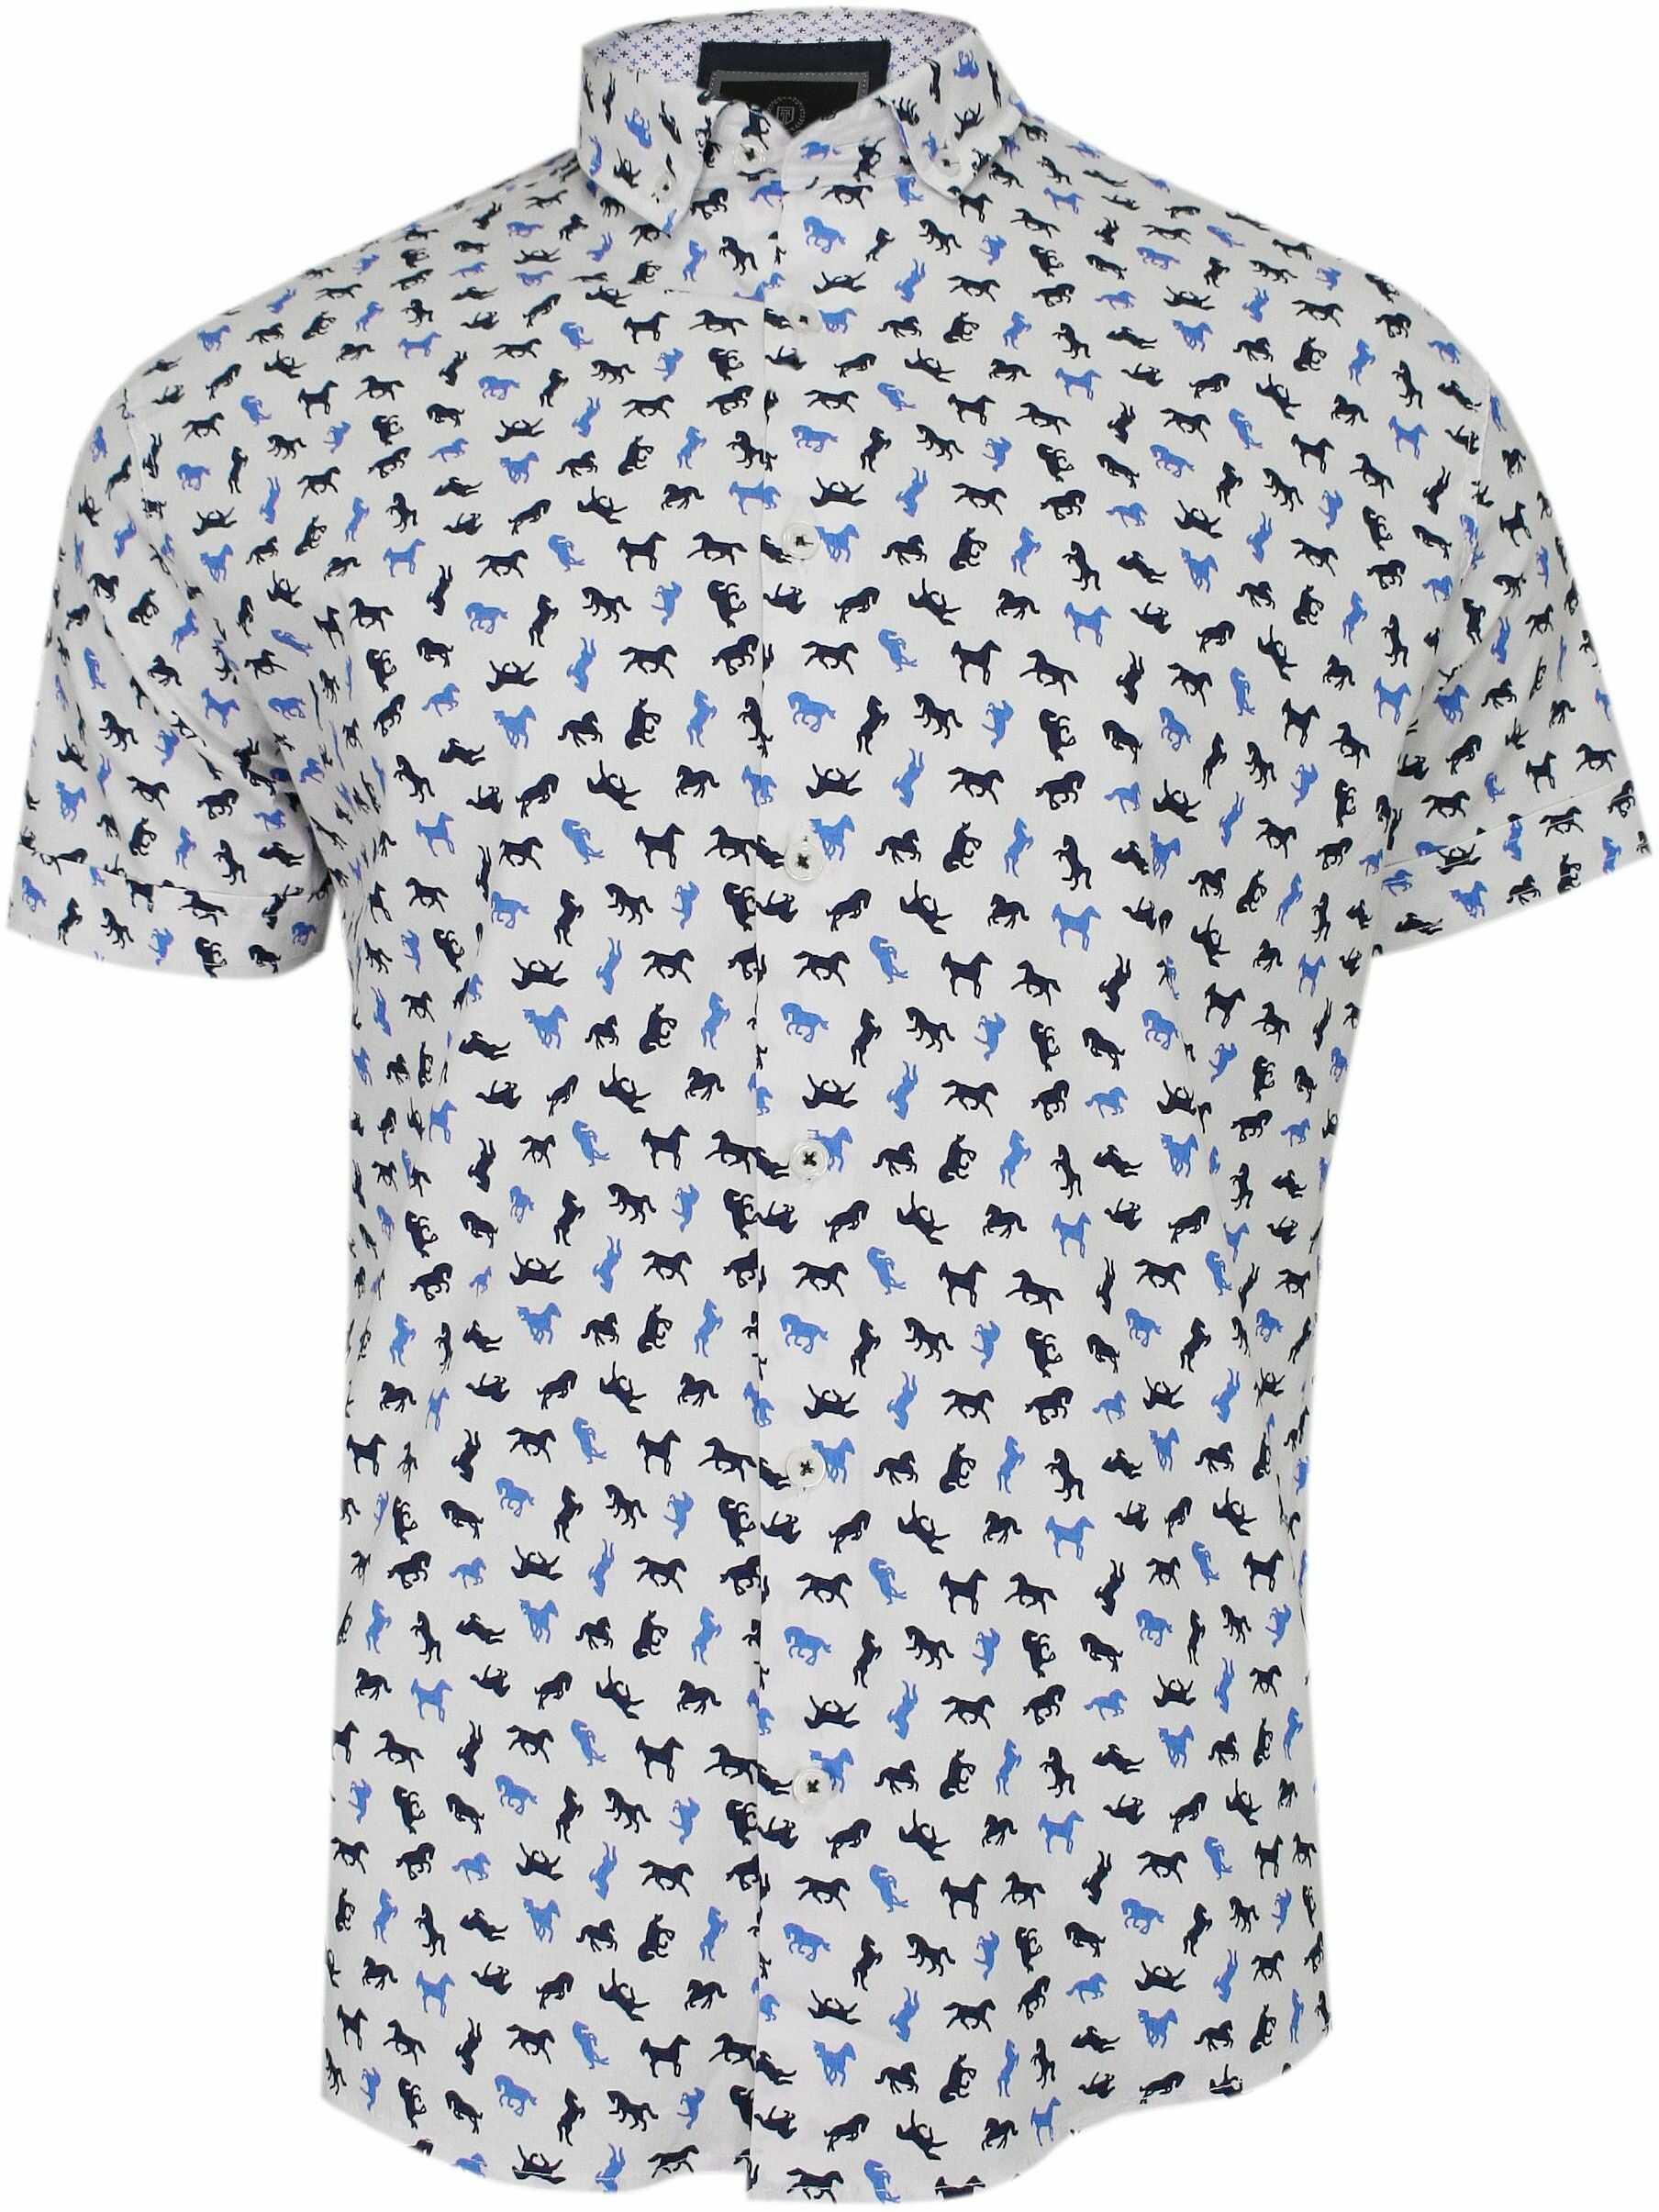 Biała Koszula Męska, Taliowana -TO-ON- Krótki Rękaw, Slim, w Granatowo-Niebieskie Konie, Zwierzęca KSKWTOONkonikbialy